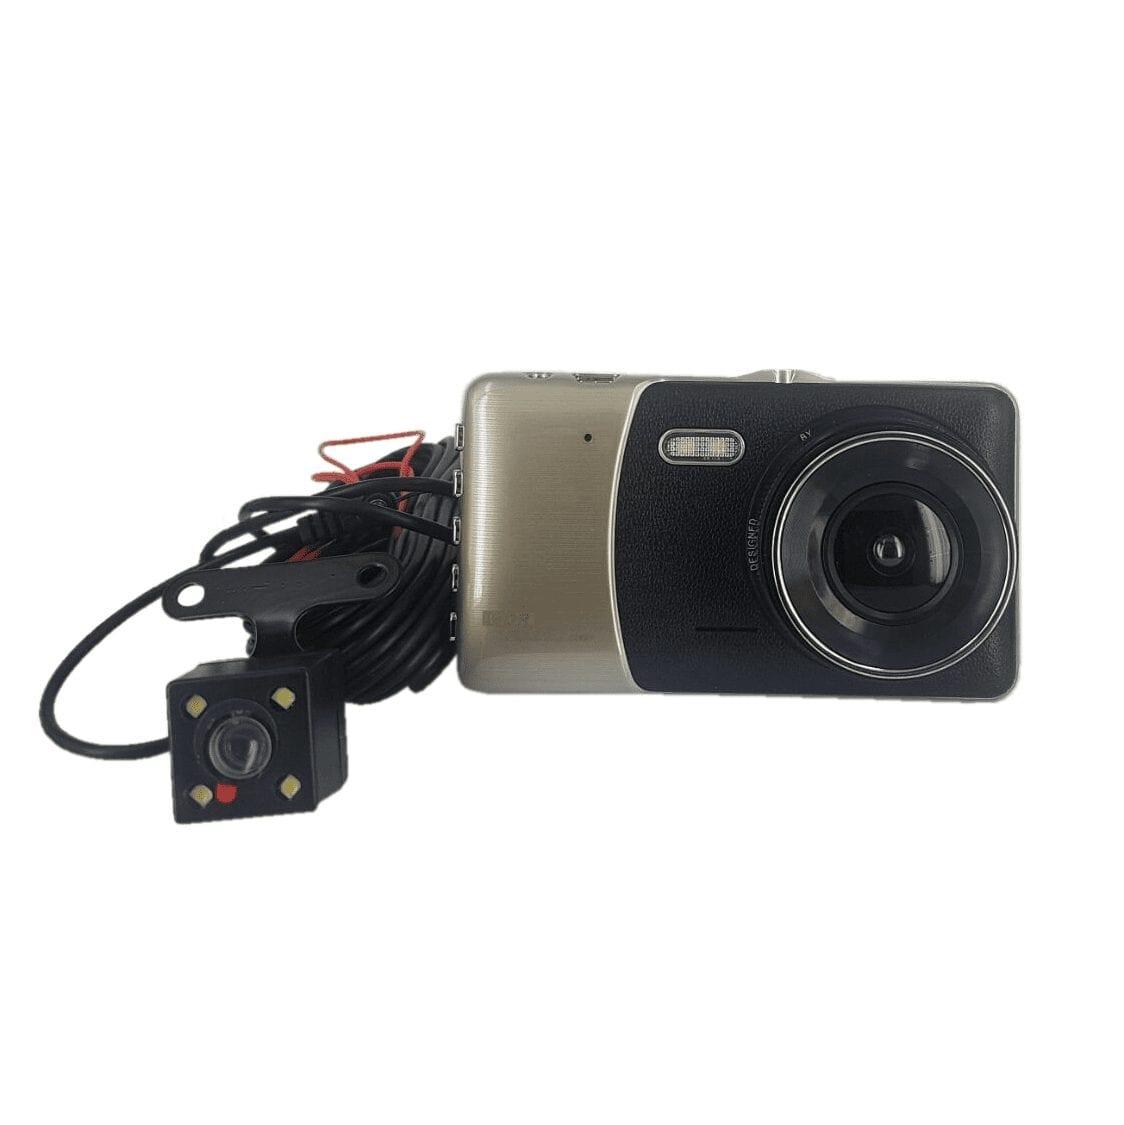 מצלמת דשבורד לרכב